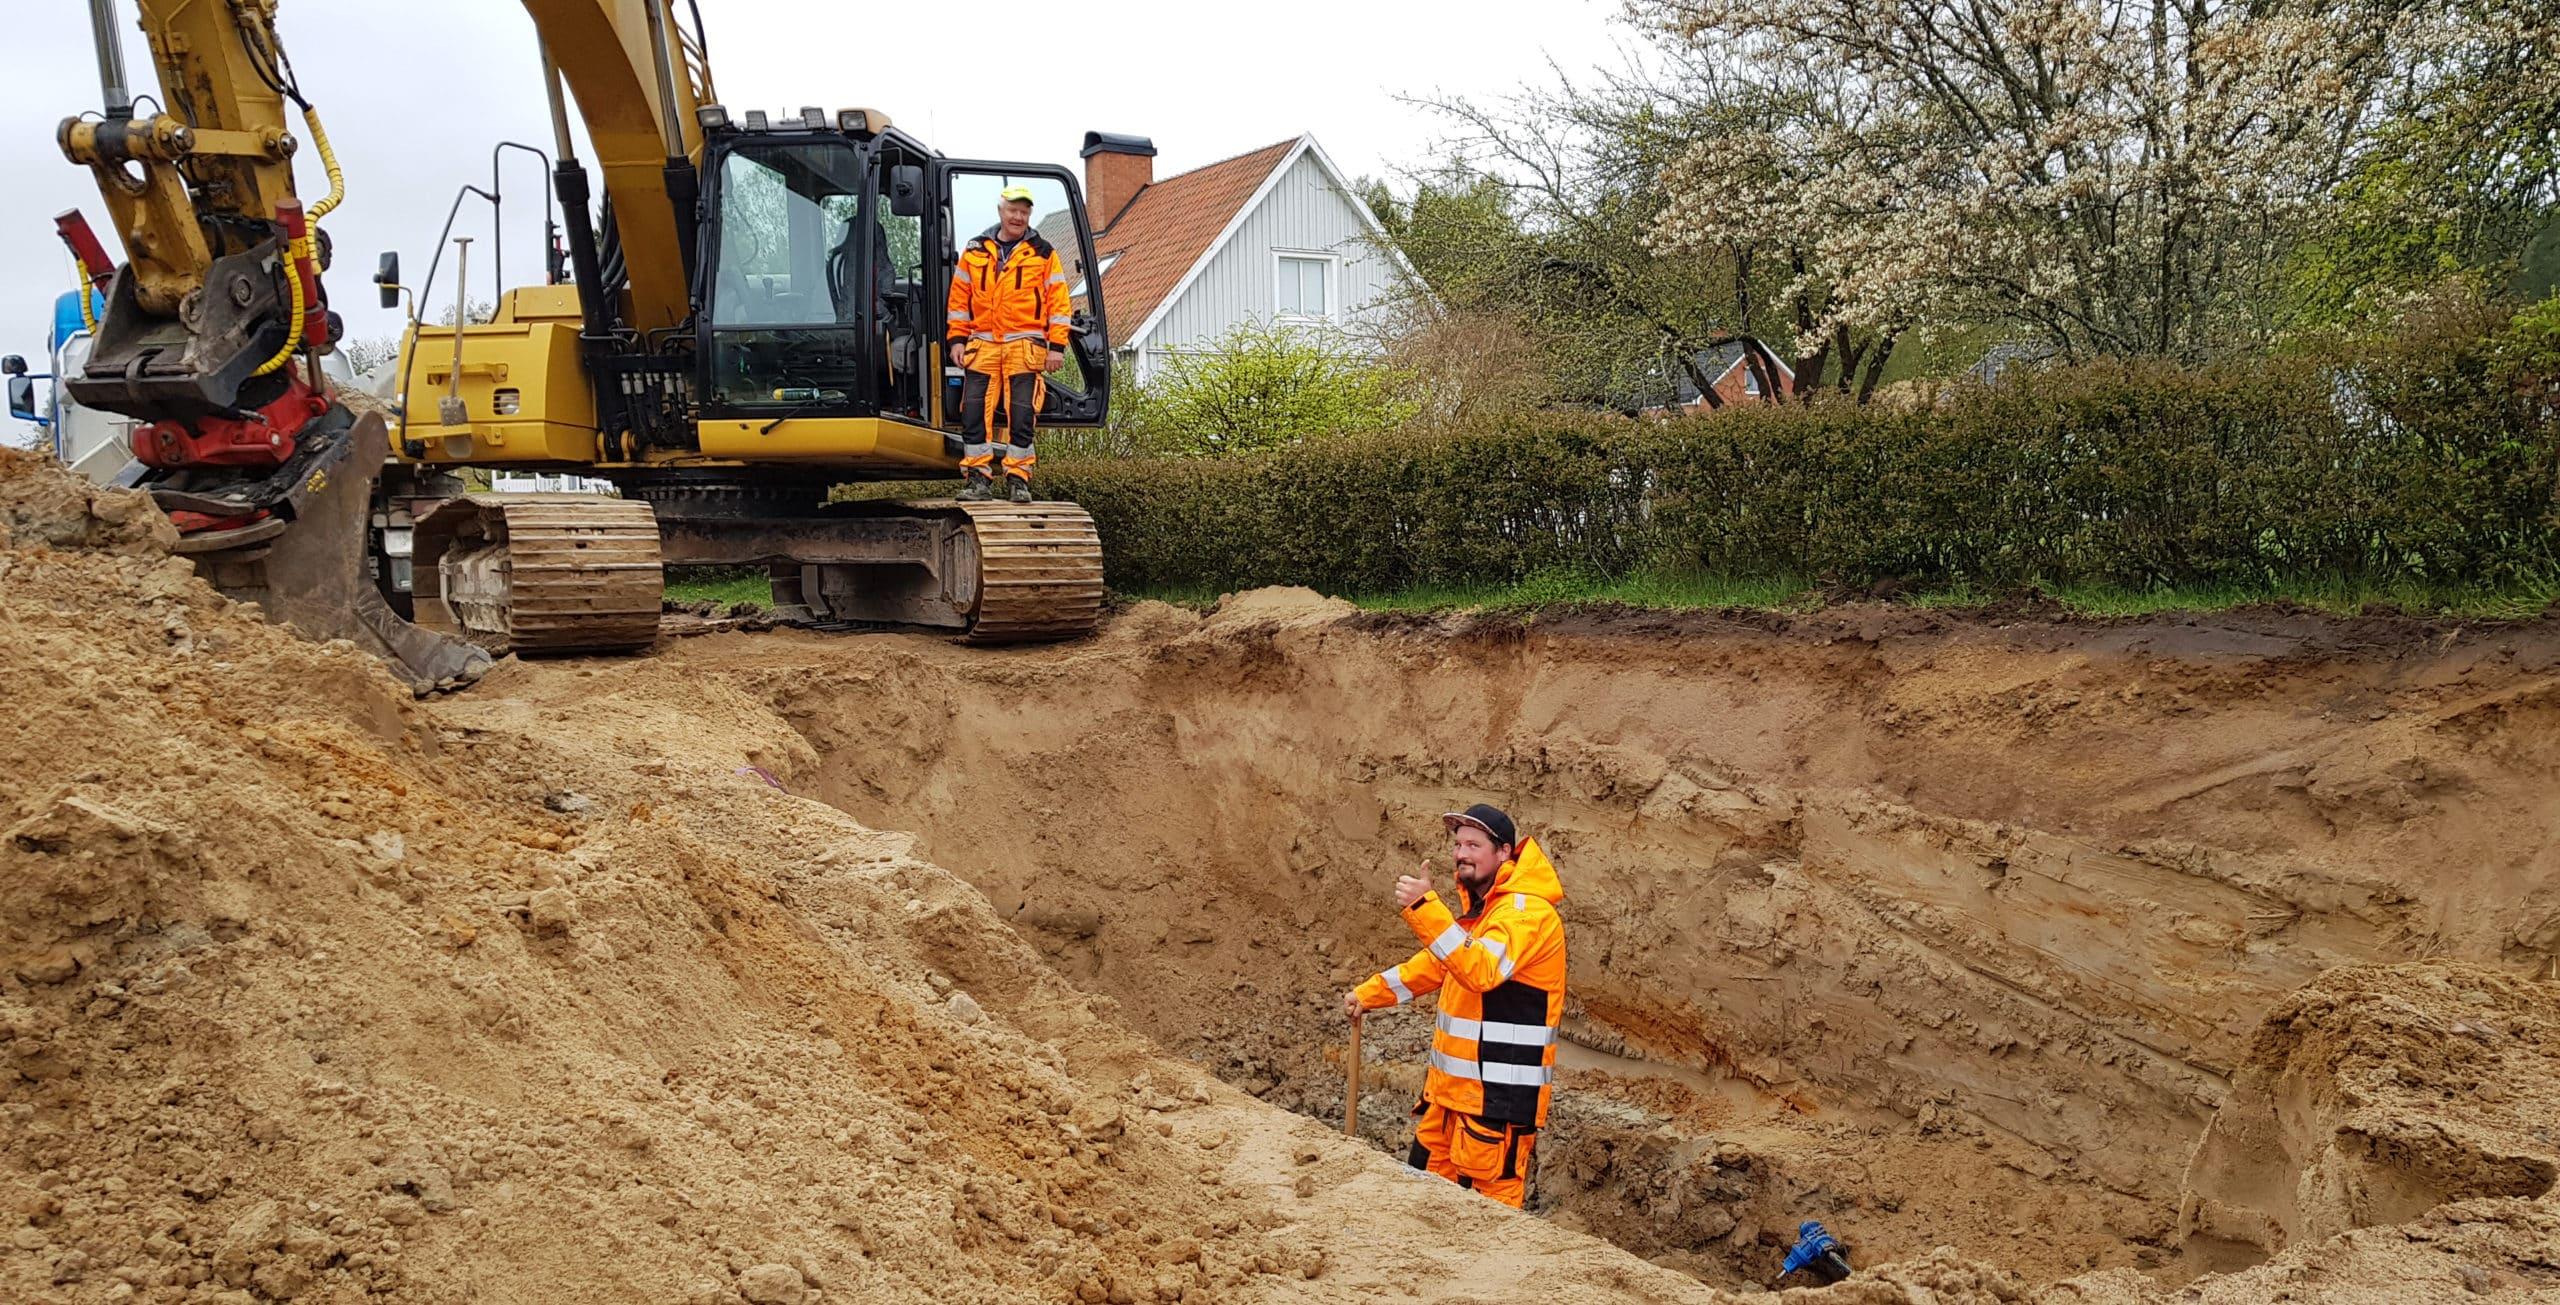 En arbetare i orange kläder gör tummen upp i en grop. En annan arbetare i likadana kläder står på en bandgrävares band vid gropens rand.